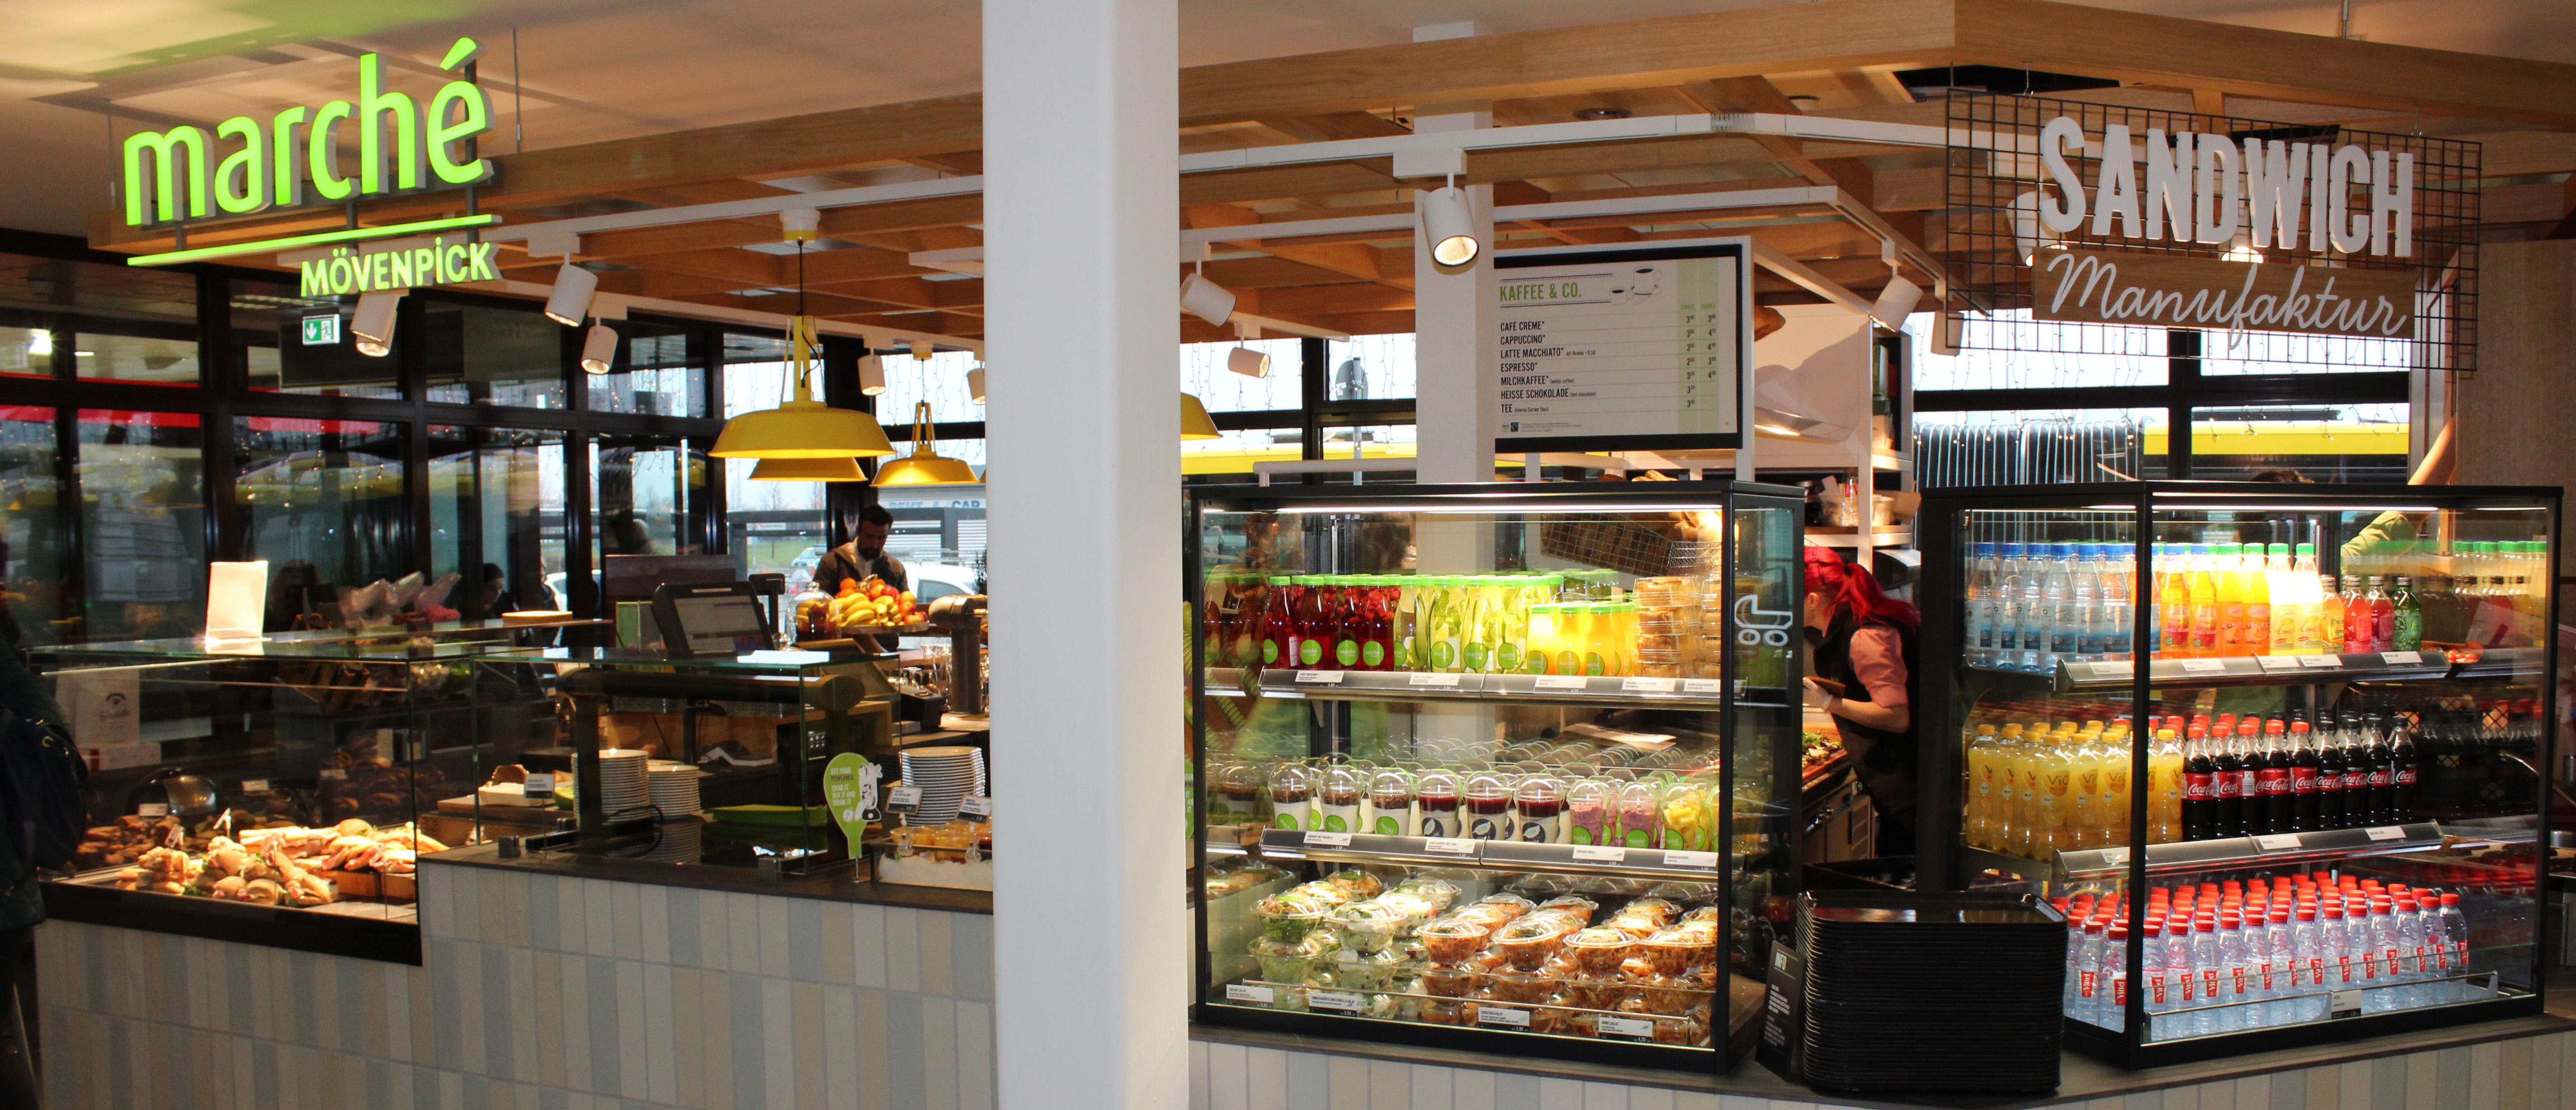 Frisch gebacken: Die Sandwichmanufaktur in SXF